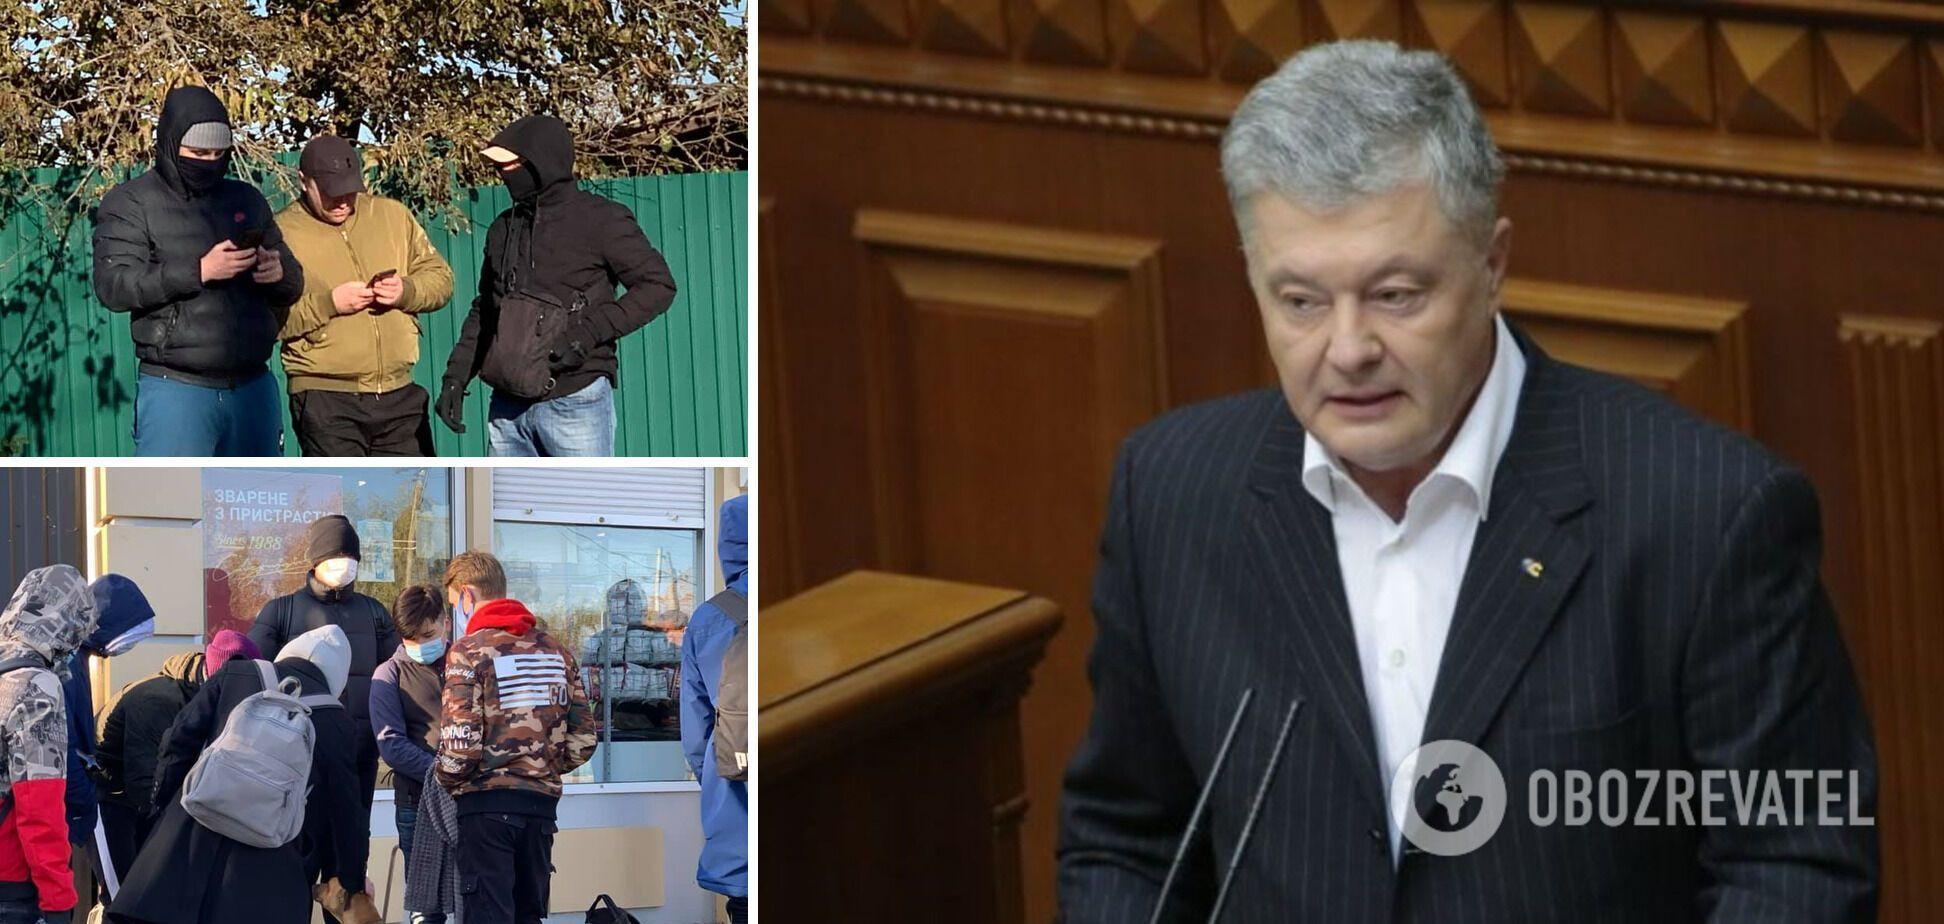 Біля будинку Порошенка в Козині зібрали 'тітушок', платили по 500 грн, – волонтер